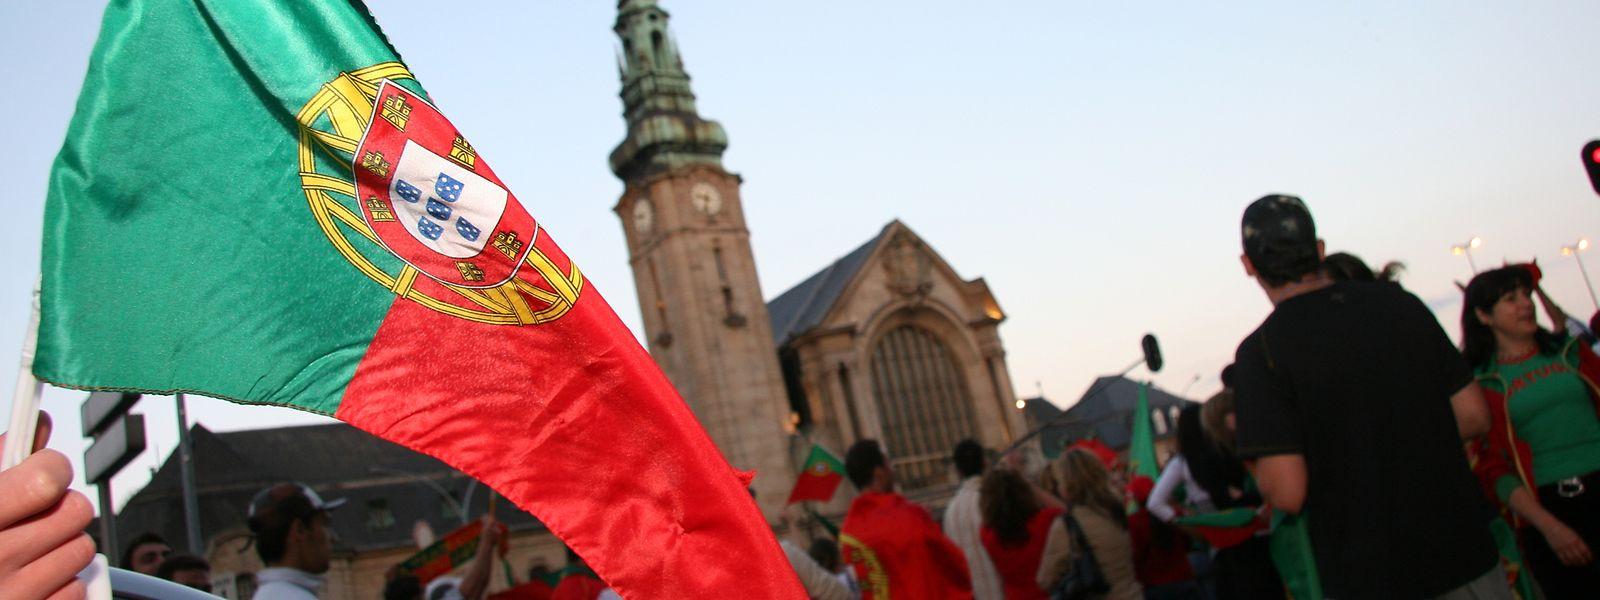 Die Zahl der Portugiesen im Land ist gegenüber 2017 leicht gesunken.